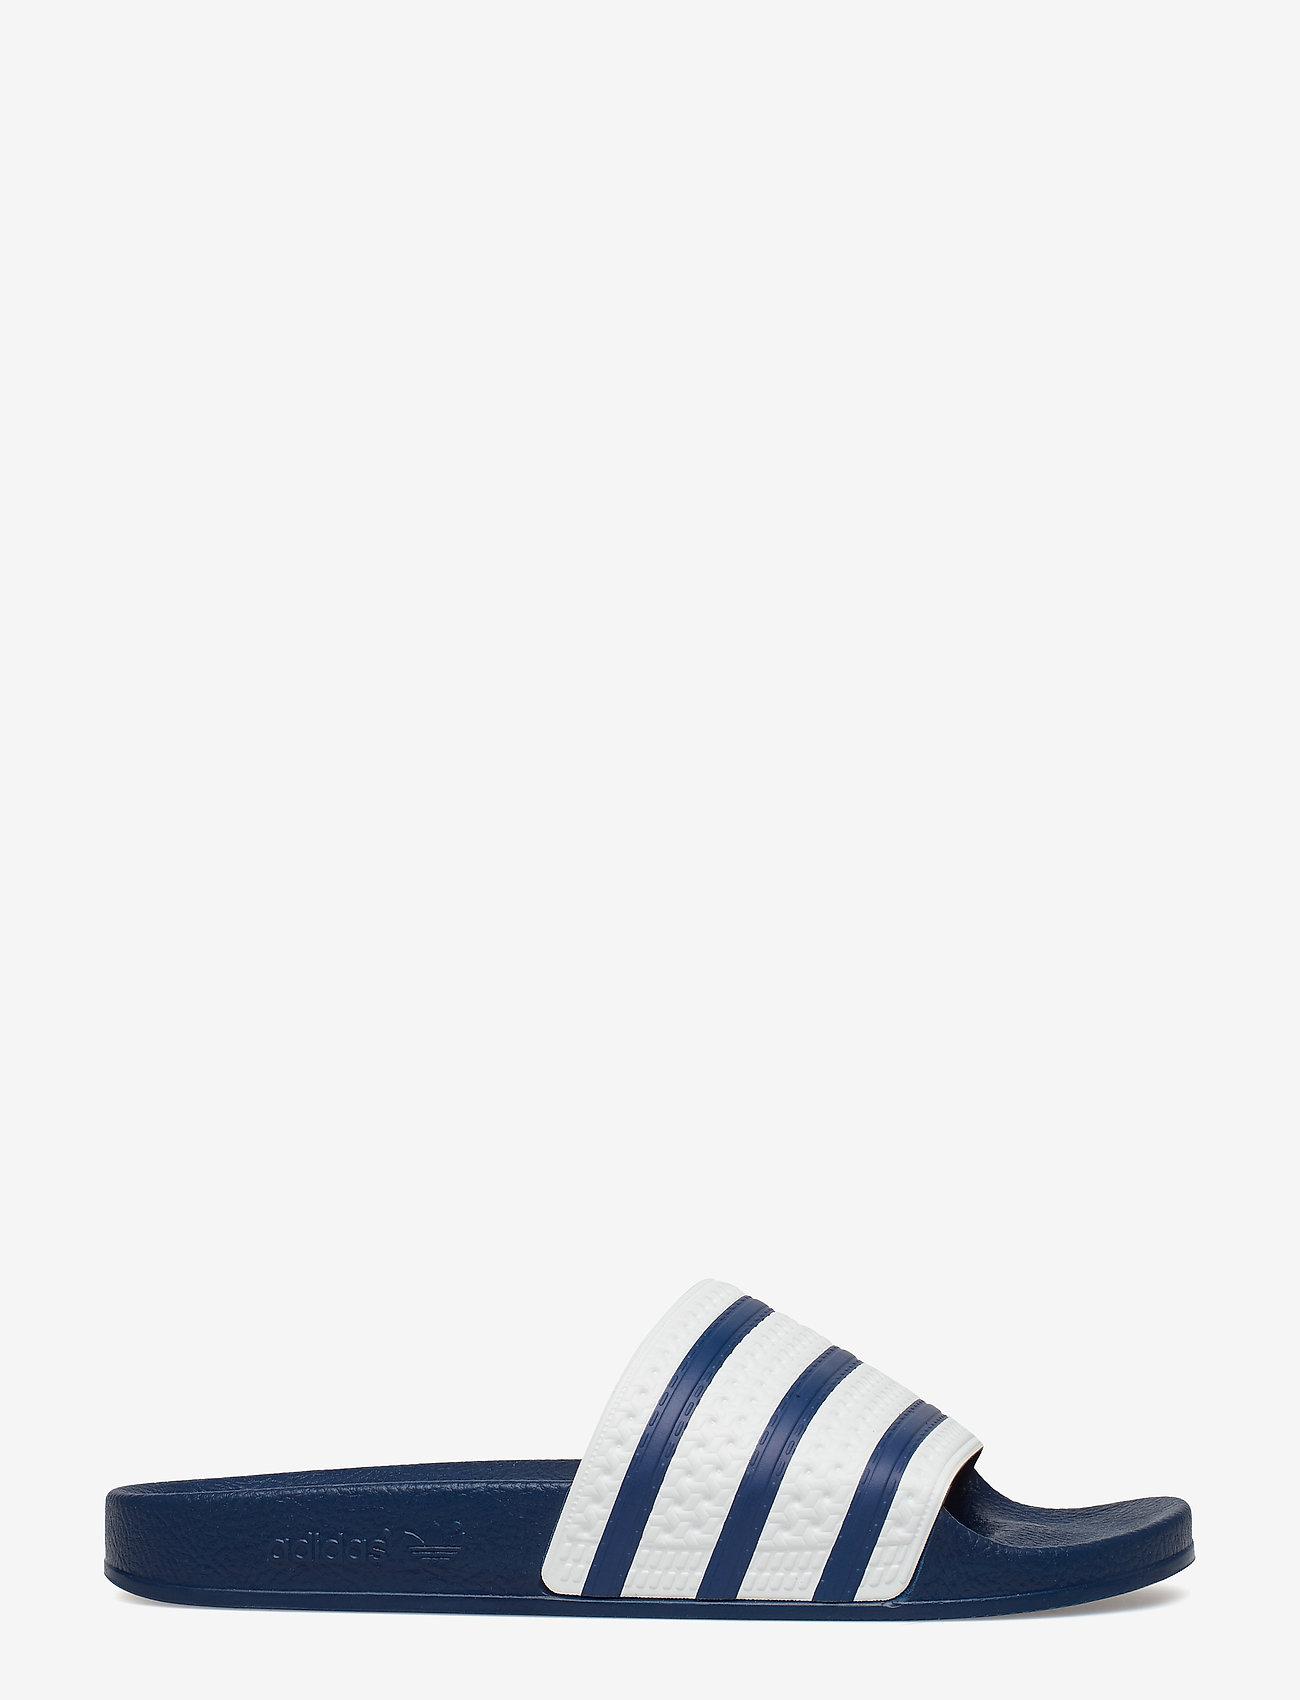 adidas Originals - ADILETTE - tenisówki - adiblu/wht/adiblu - 1